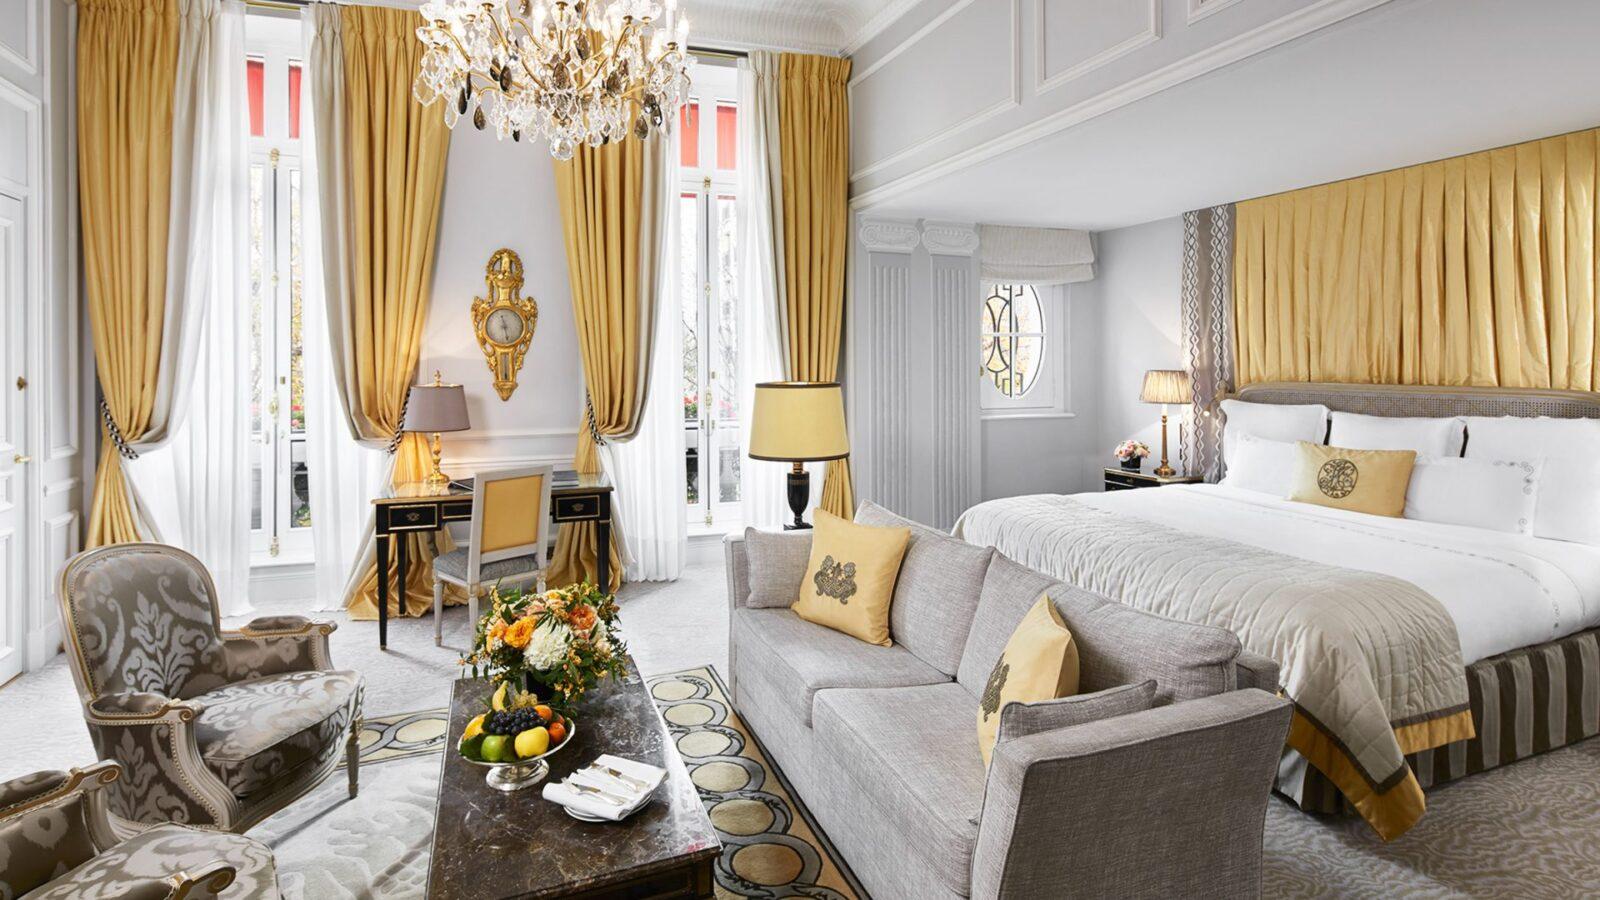 Prestige Junior Suite at Hôtel Plaza Athénée, Paris